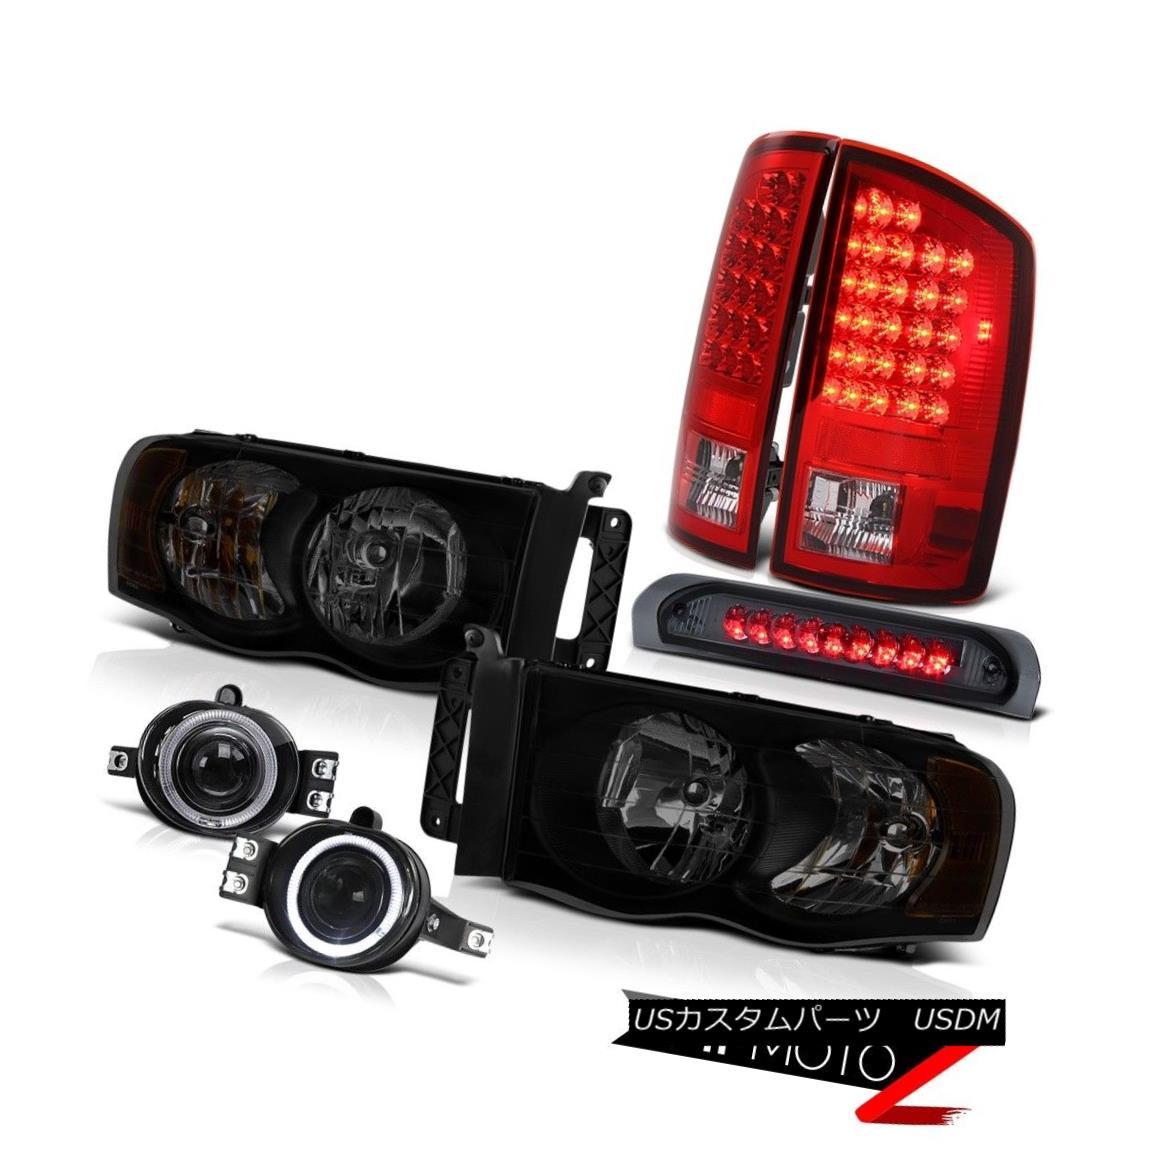 テールライト 02-05 Ram 1500 2500 3500 St Headlamps Foglights Roof Cab Light Red Tail Lights 02-05 Ram 1500 2500 3500 St Headlamps Foglightsルーフキャブライトレッドテールライト